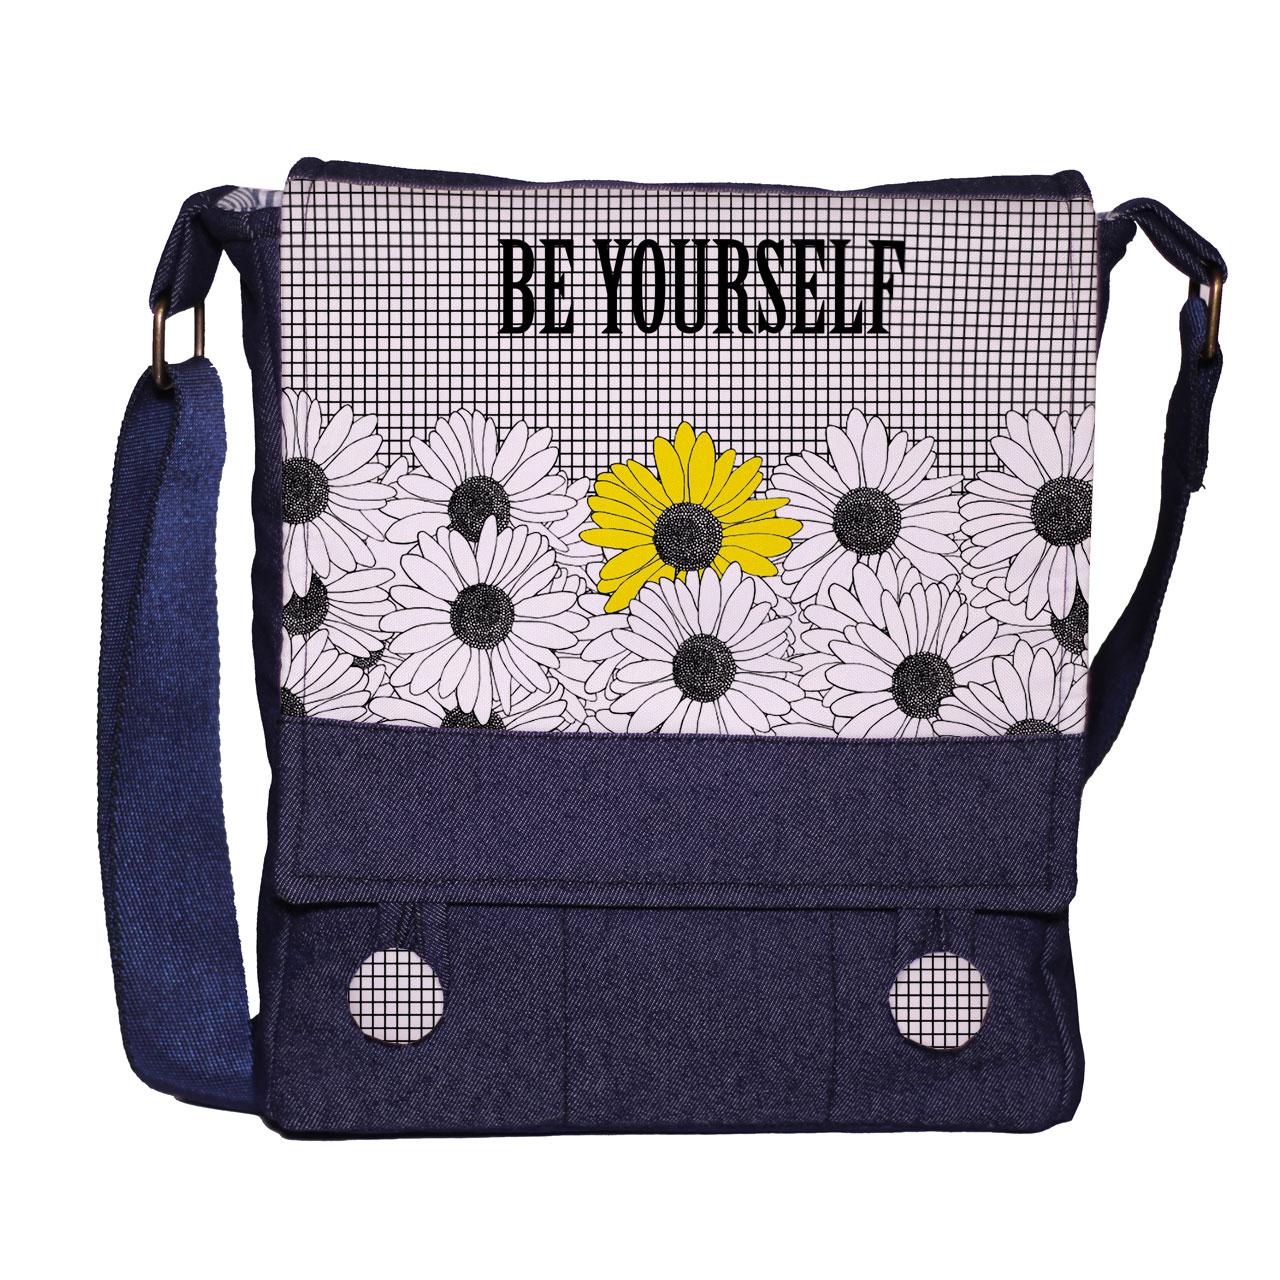 کیف دوشی زنانه گالری چی چاپ طرح خودت باش